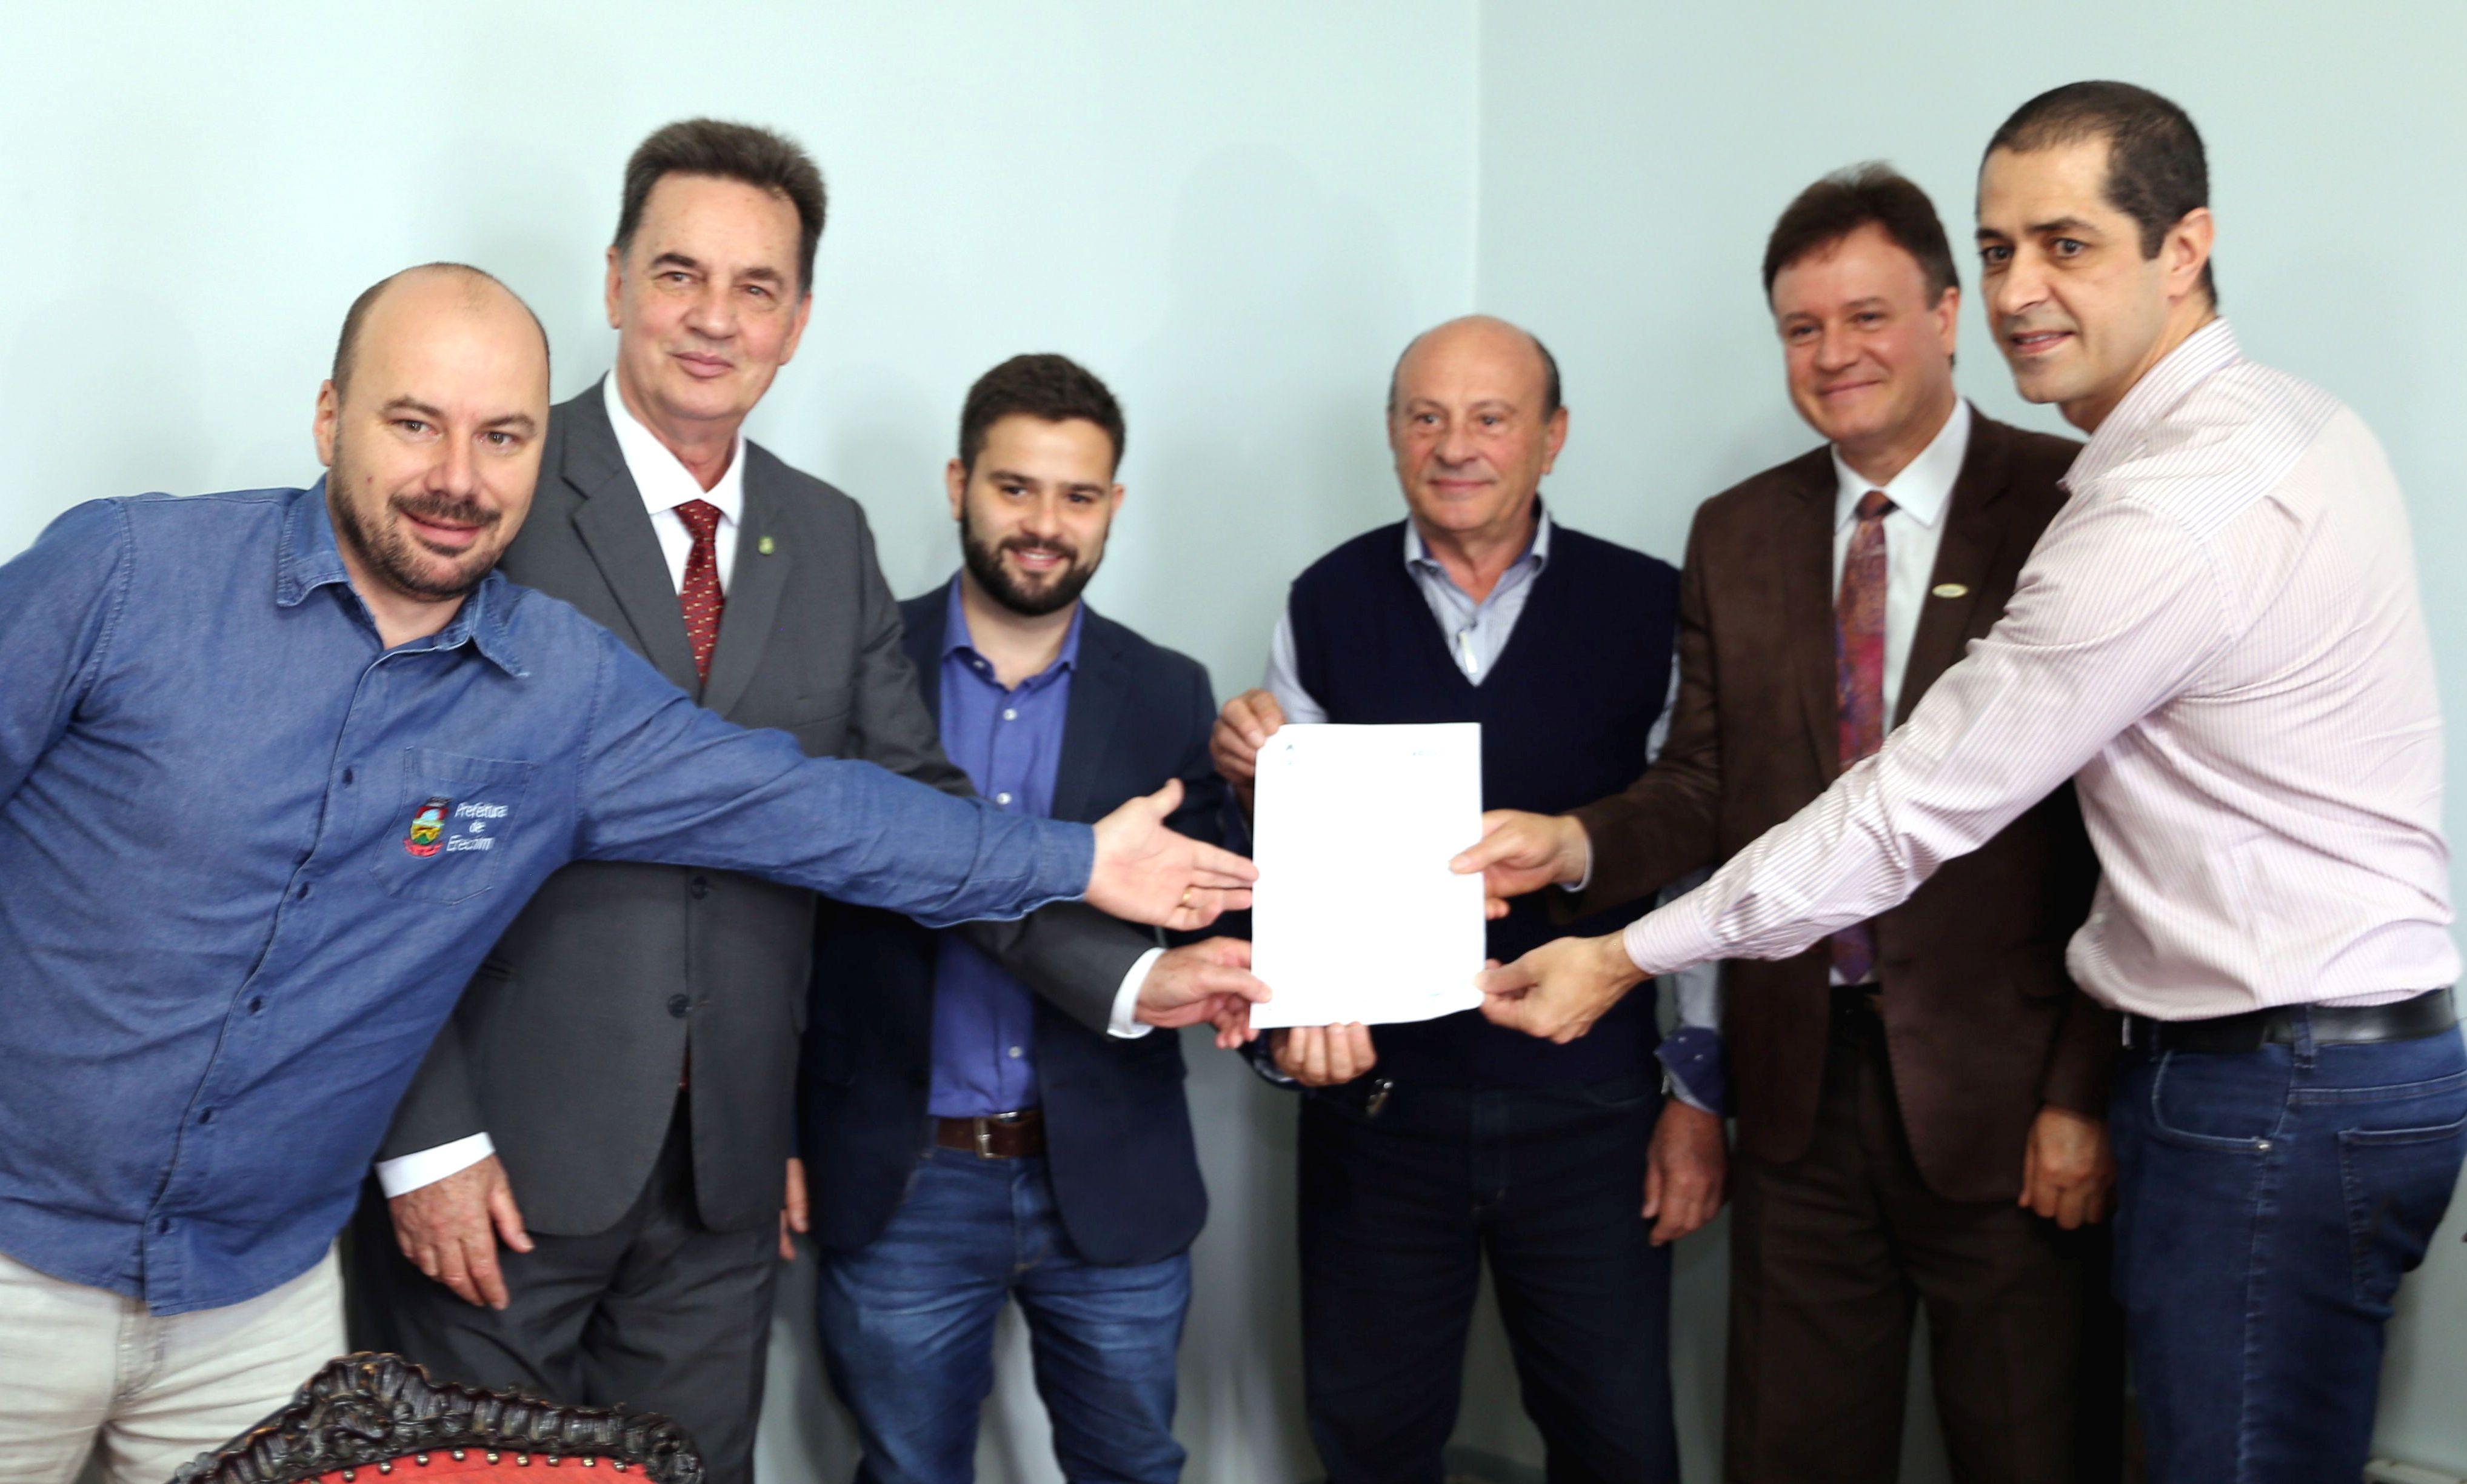 Foto: Prefeitura de Erechim/Ascom